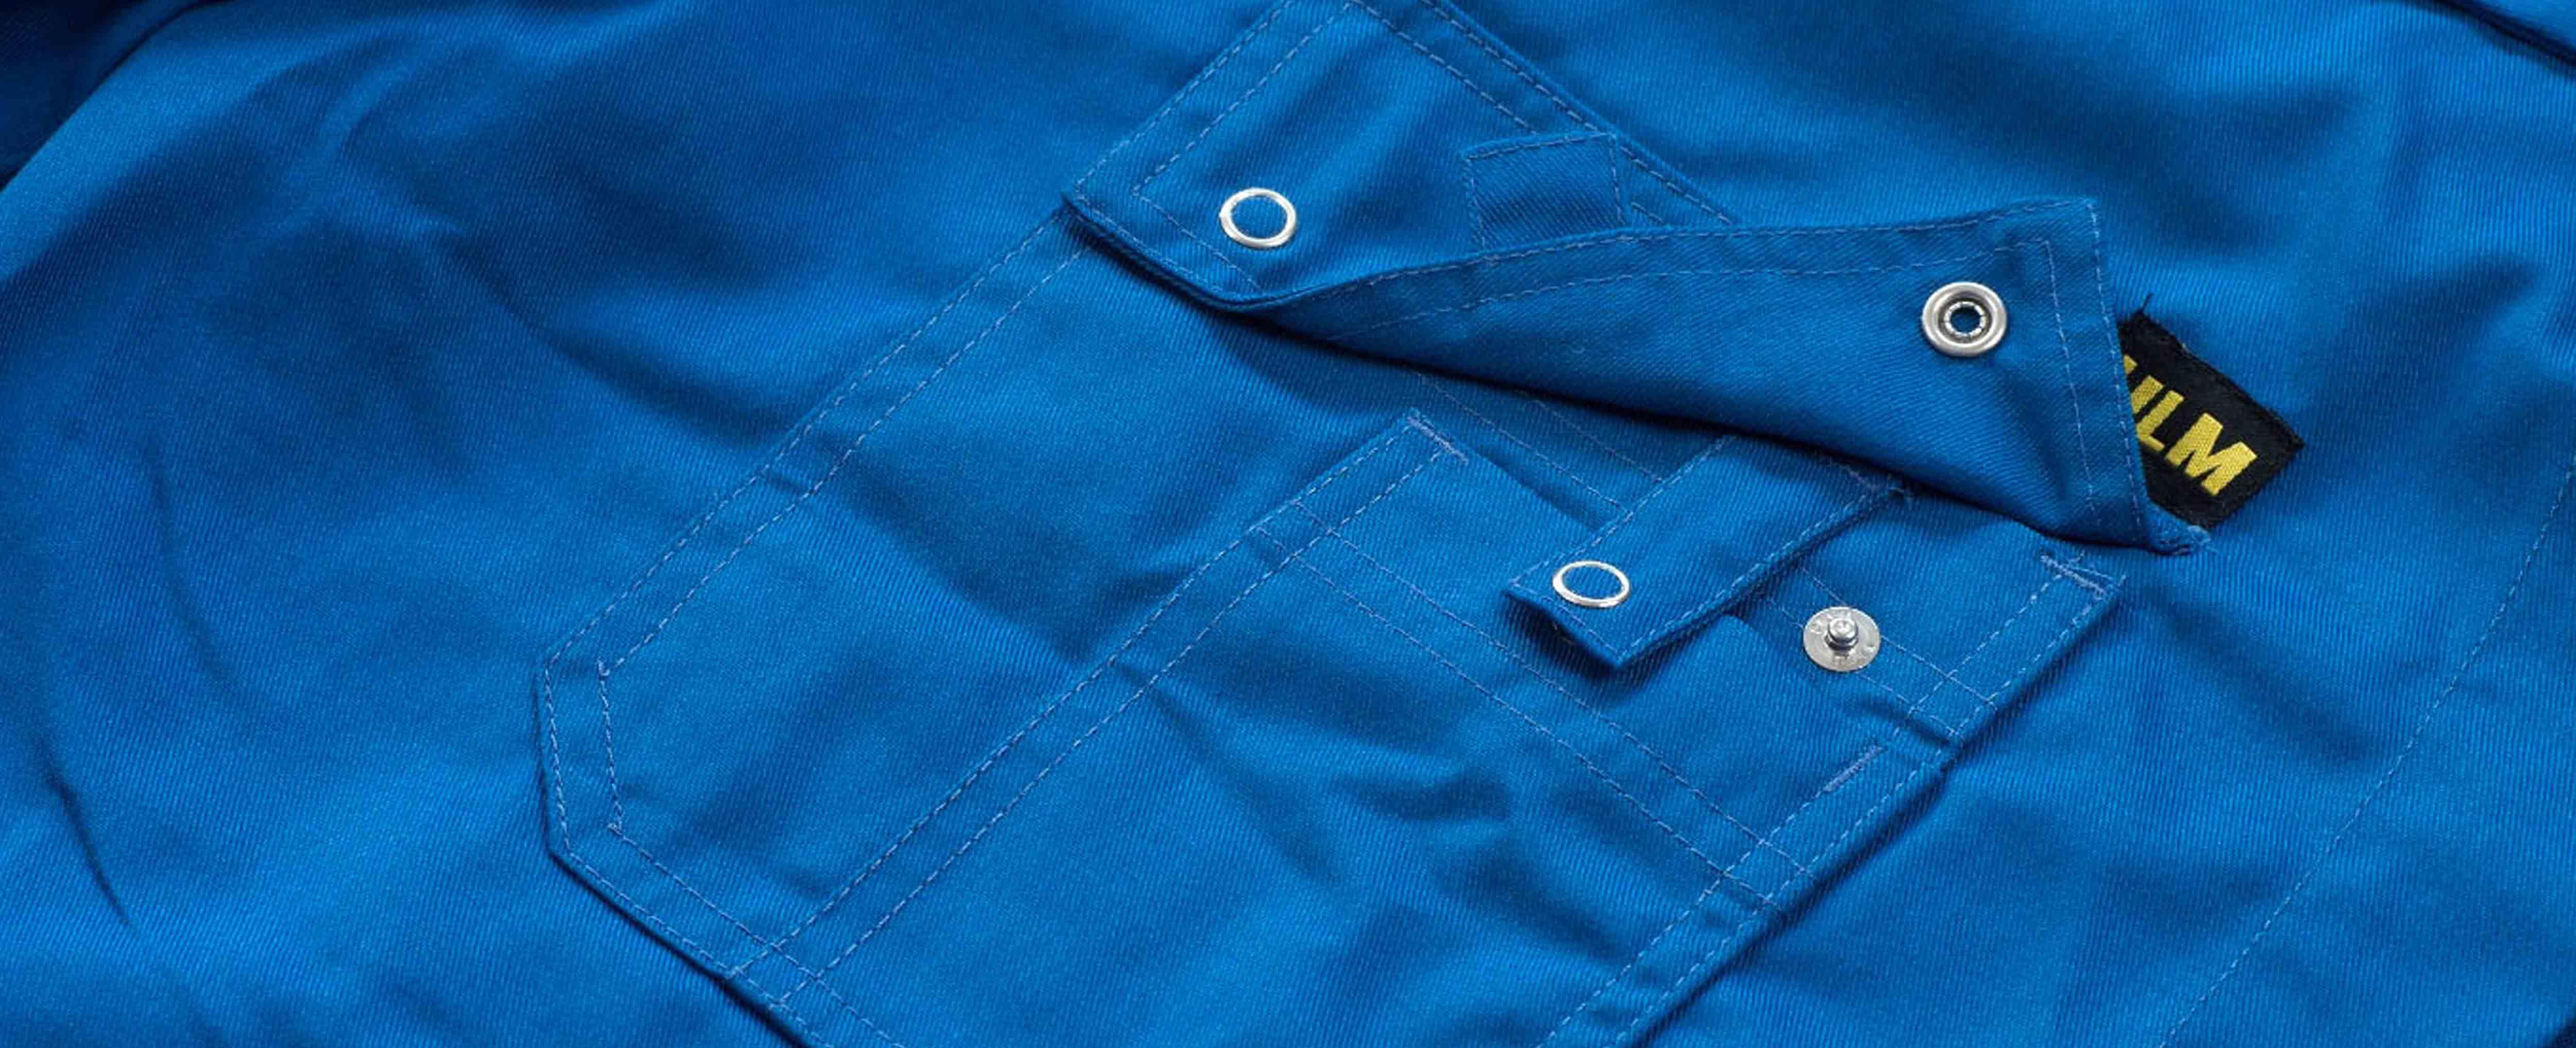 hlmbedrijfskleding -  Voorpag - Big Slider 1